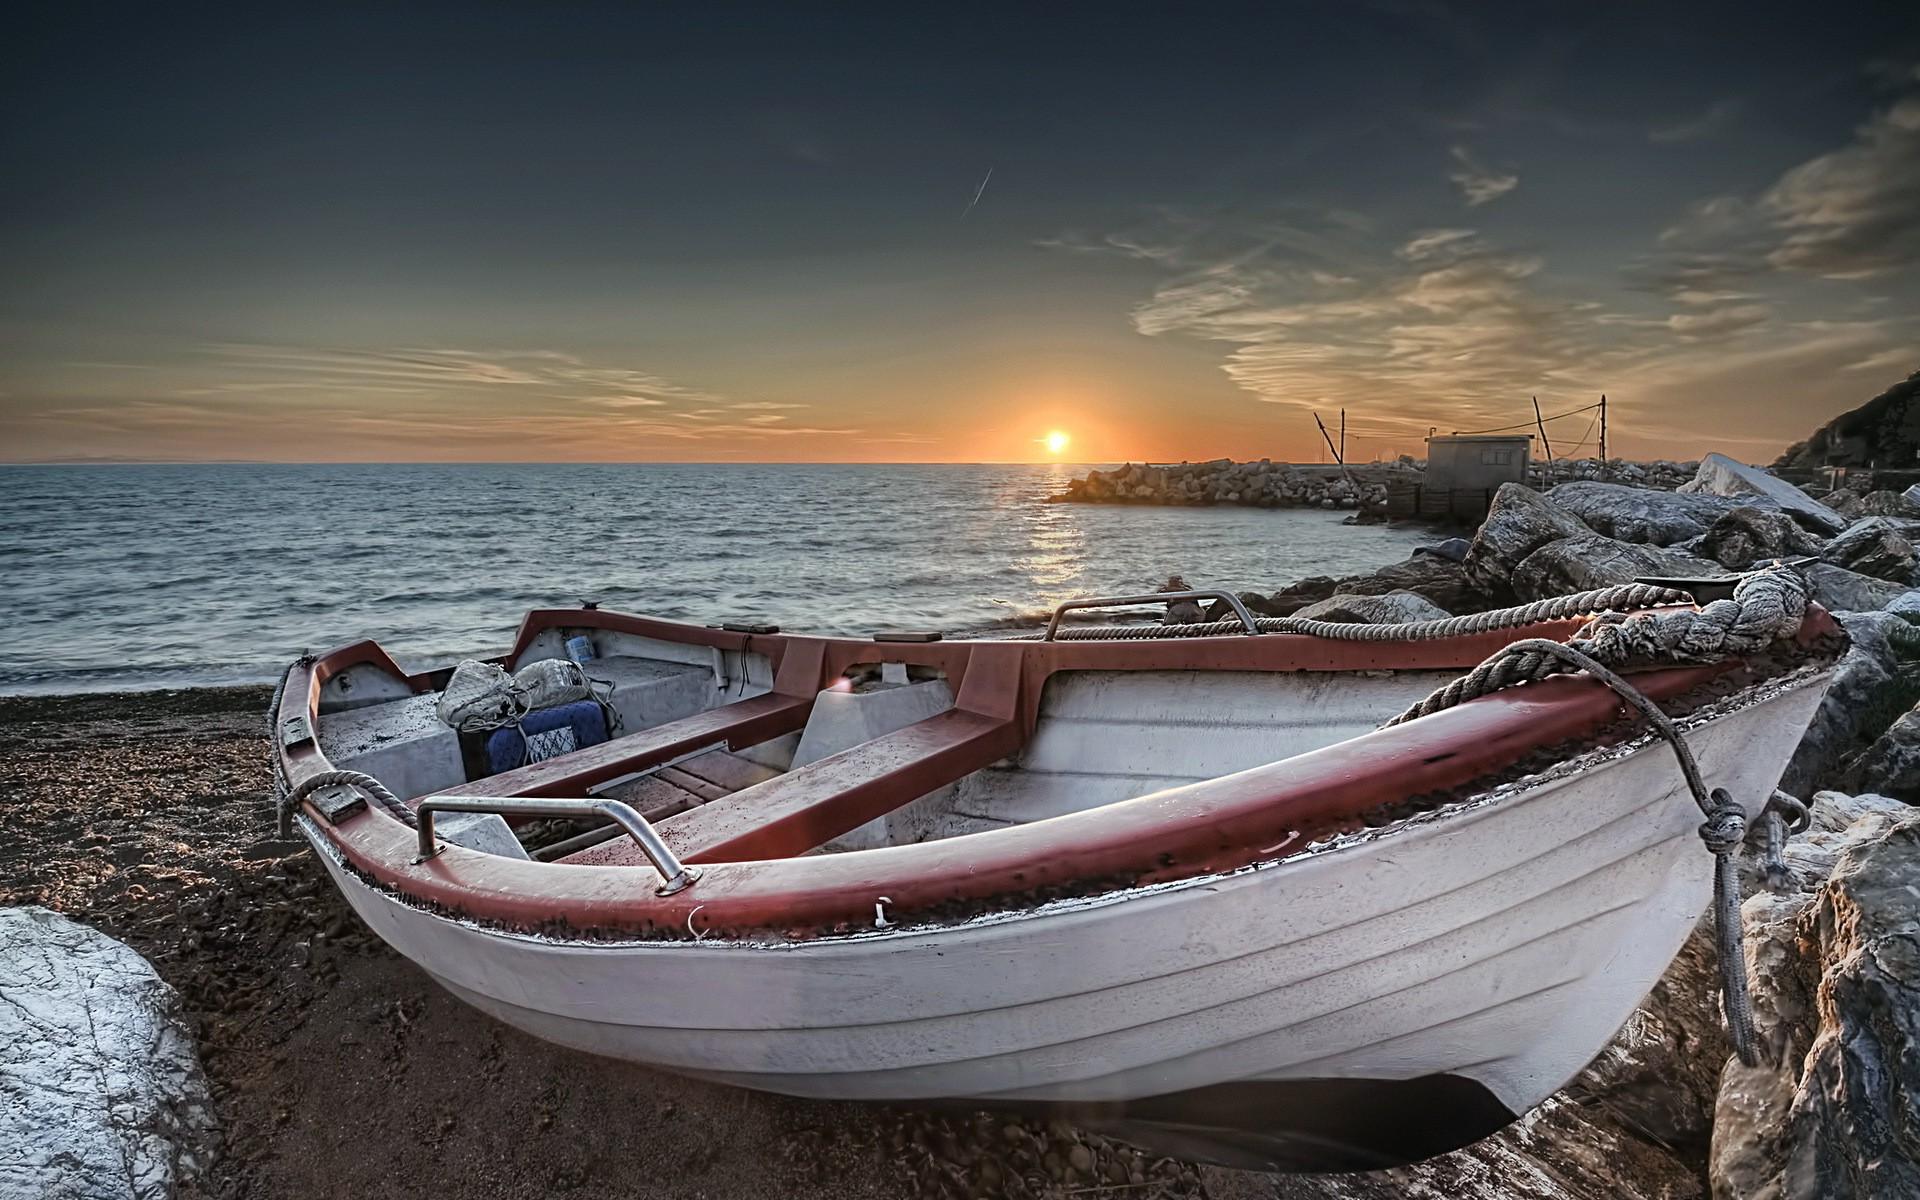 красивые картинки на рабочий стол лодки все